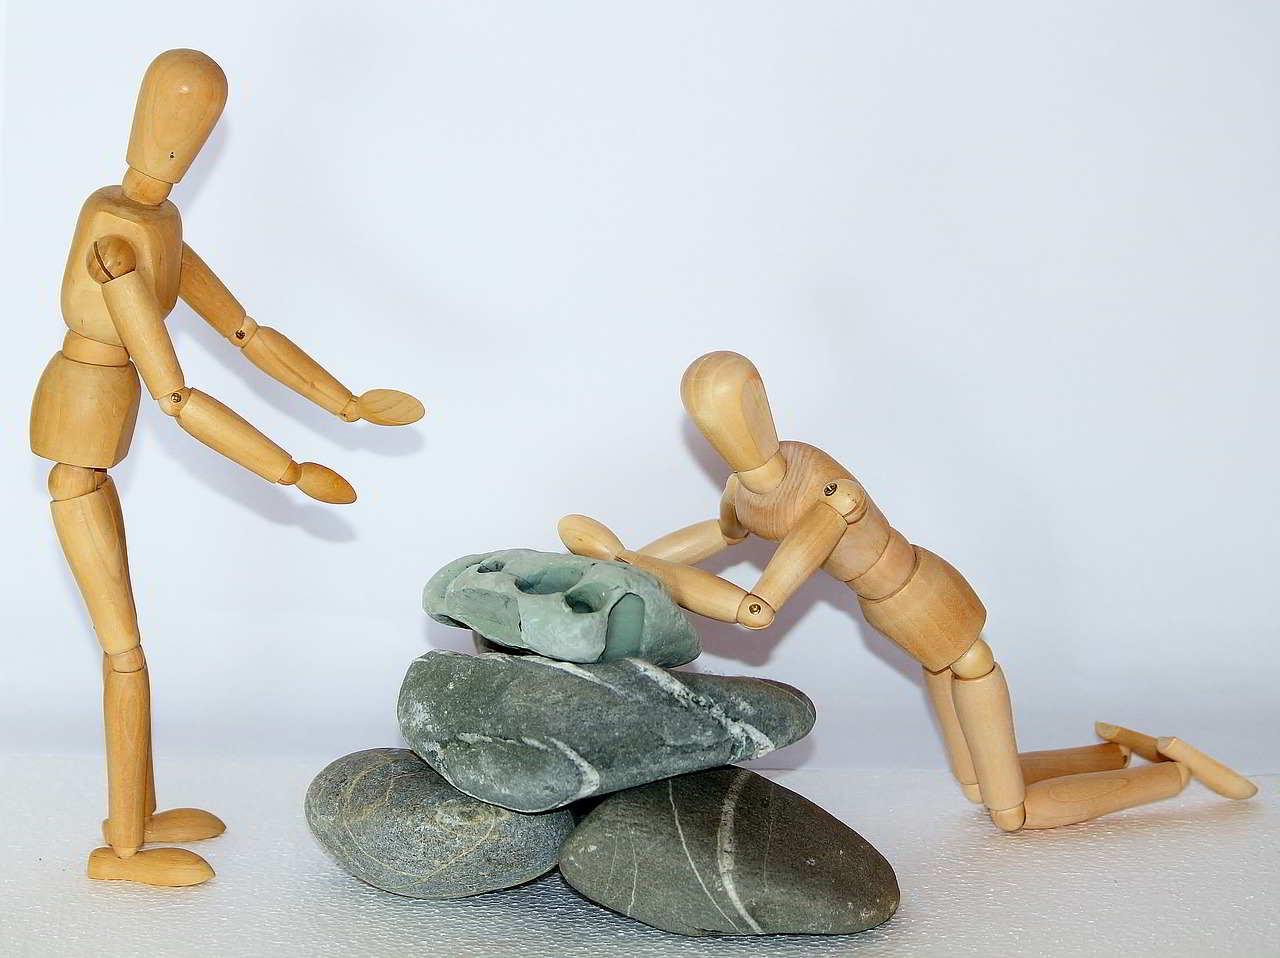 wooden-figures-980774_1280